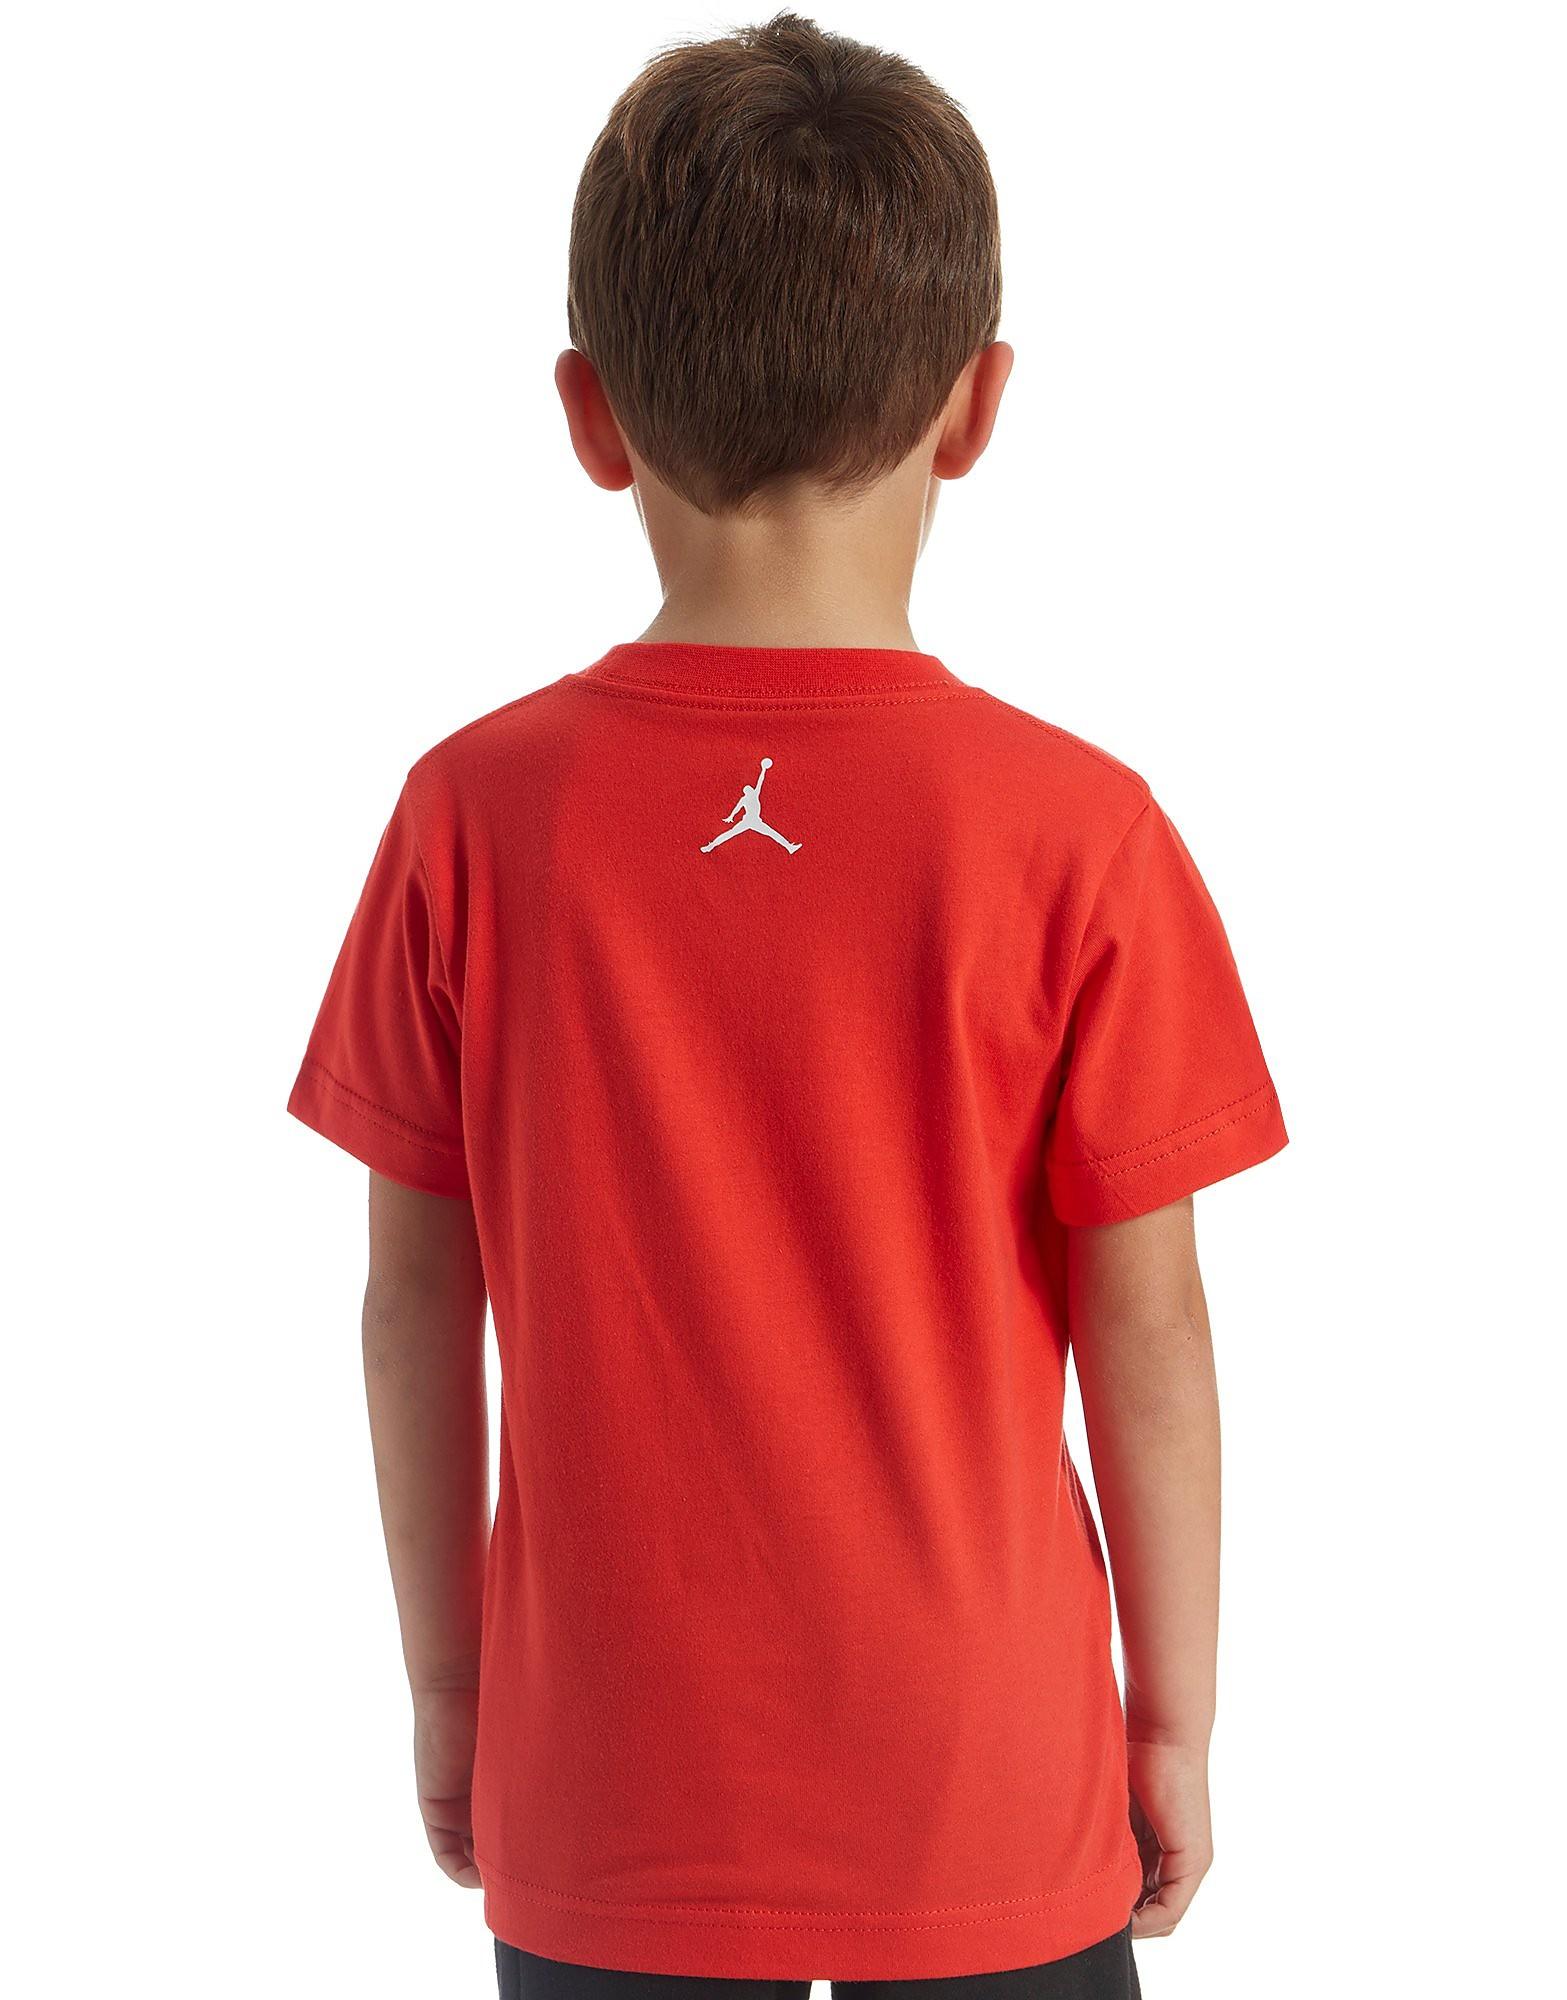 Jordan Air Dream T-Shirt Children